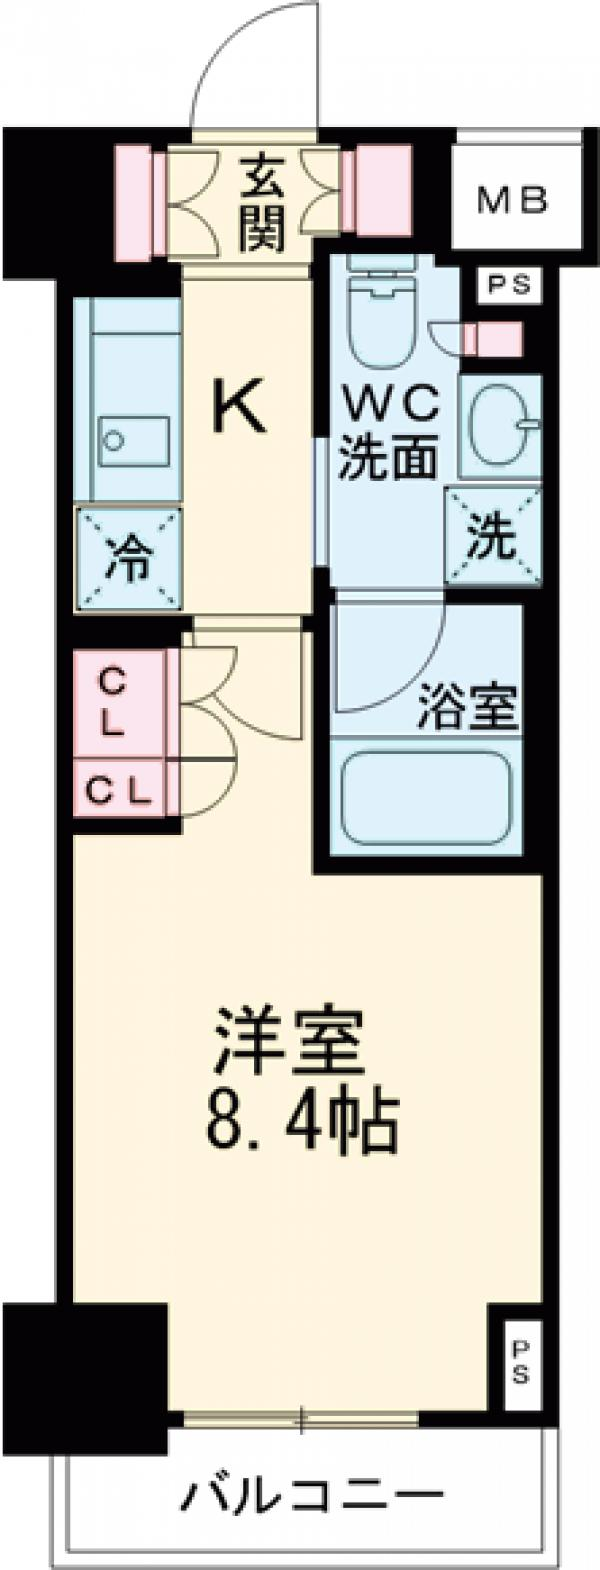 プラウドフラット西早稲田・504号室の間取り